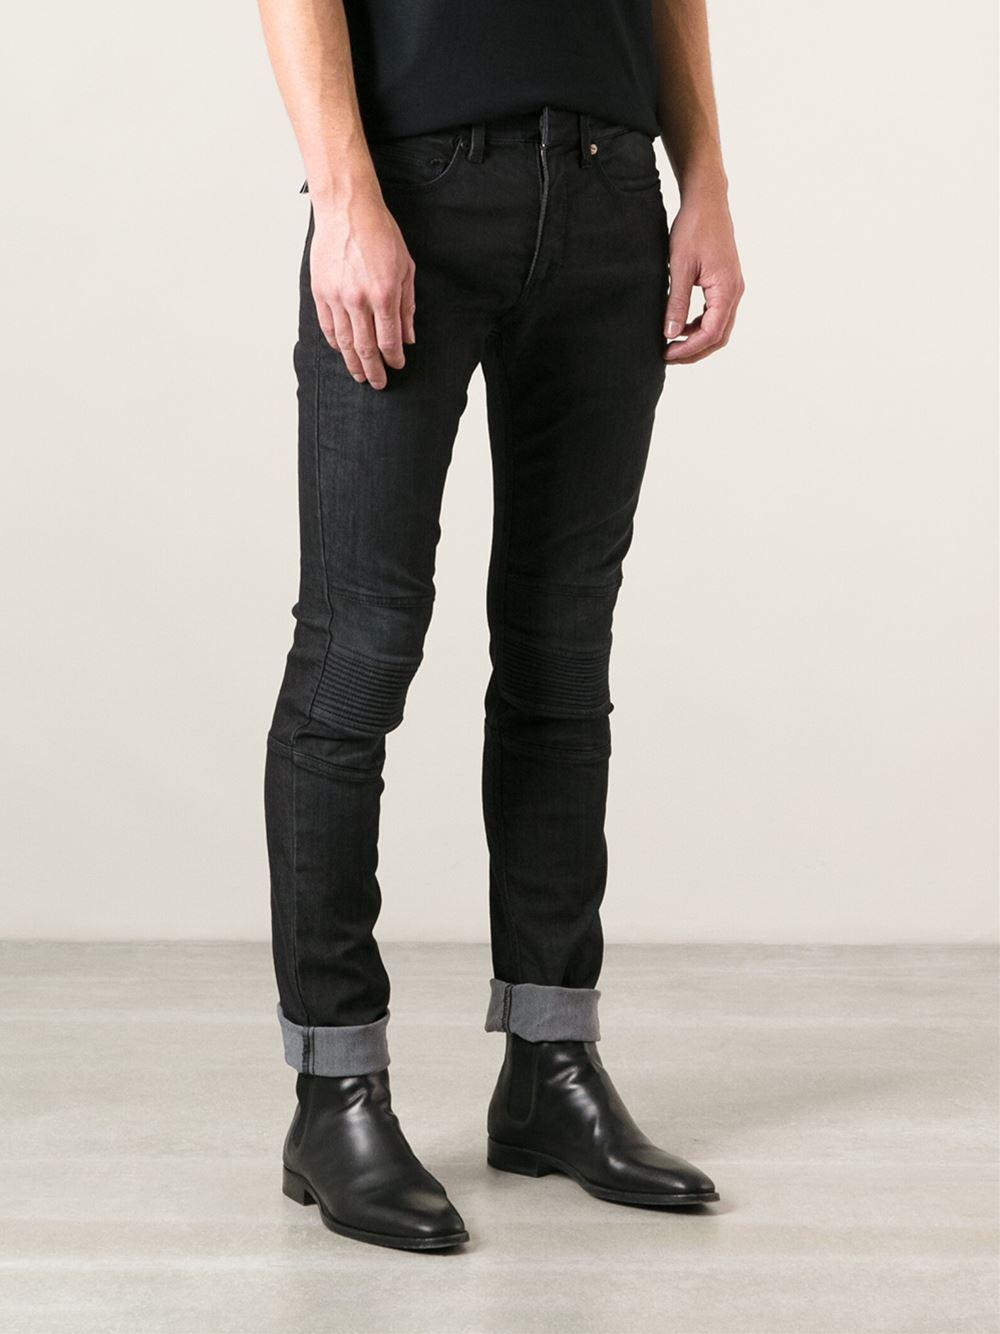 2019 best sell discount price provide plenty of Neil Barrett Padded Knee Skinny Jeans in Black for Men - Lyst